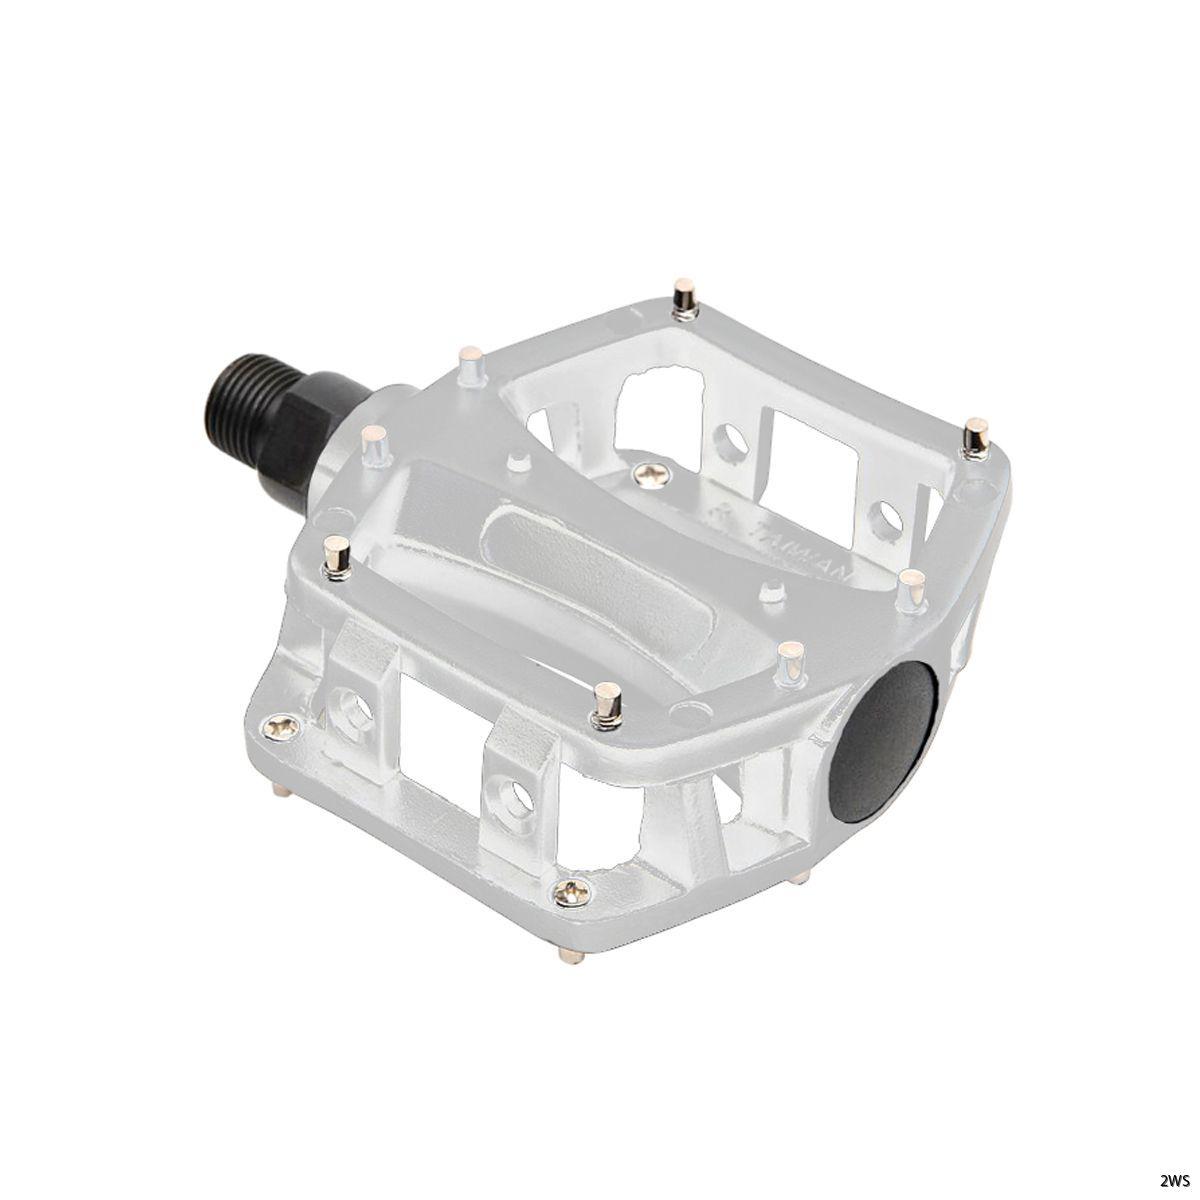 wellgo-mini-lu-204-pedals (1)